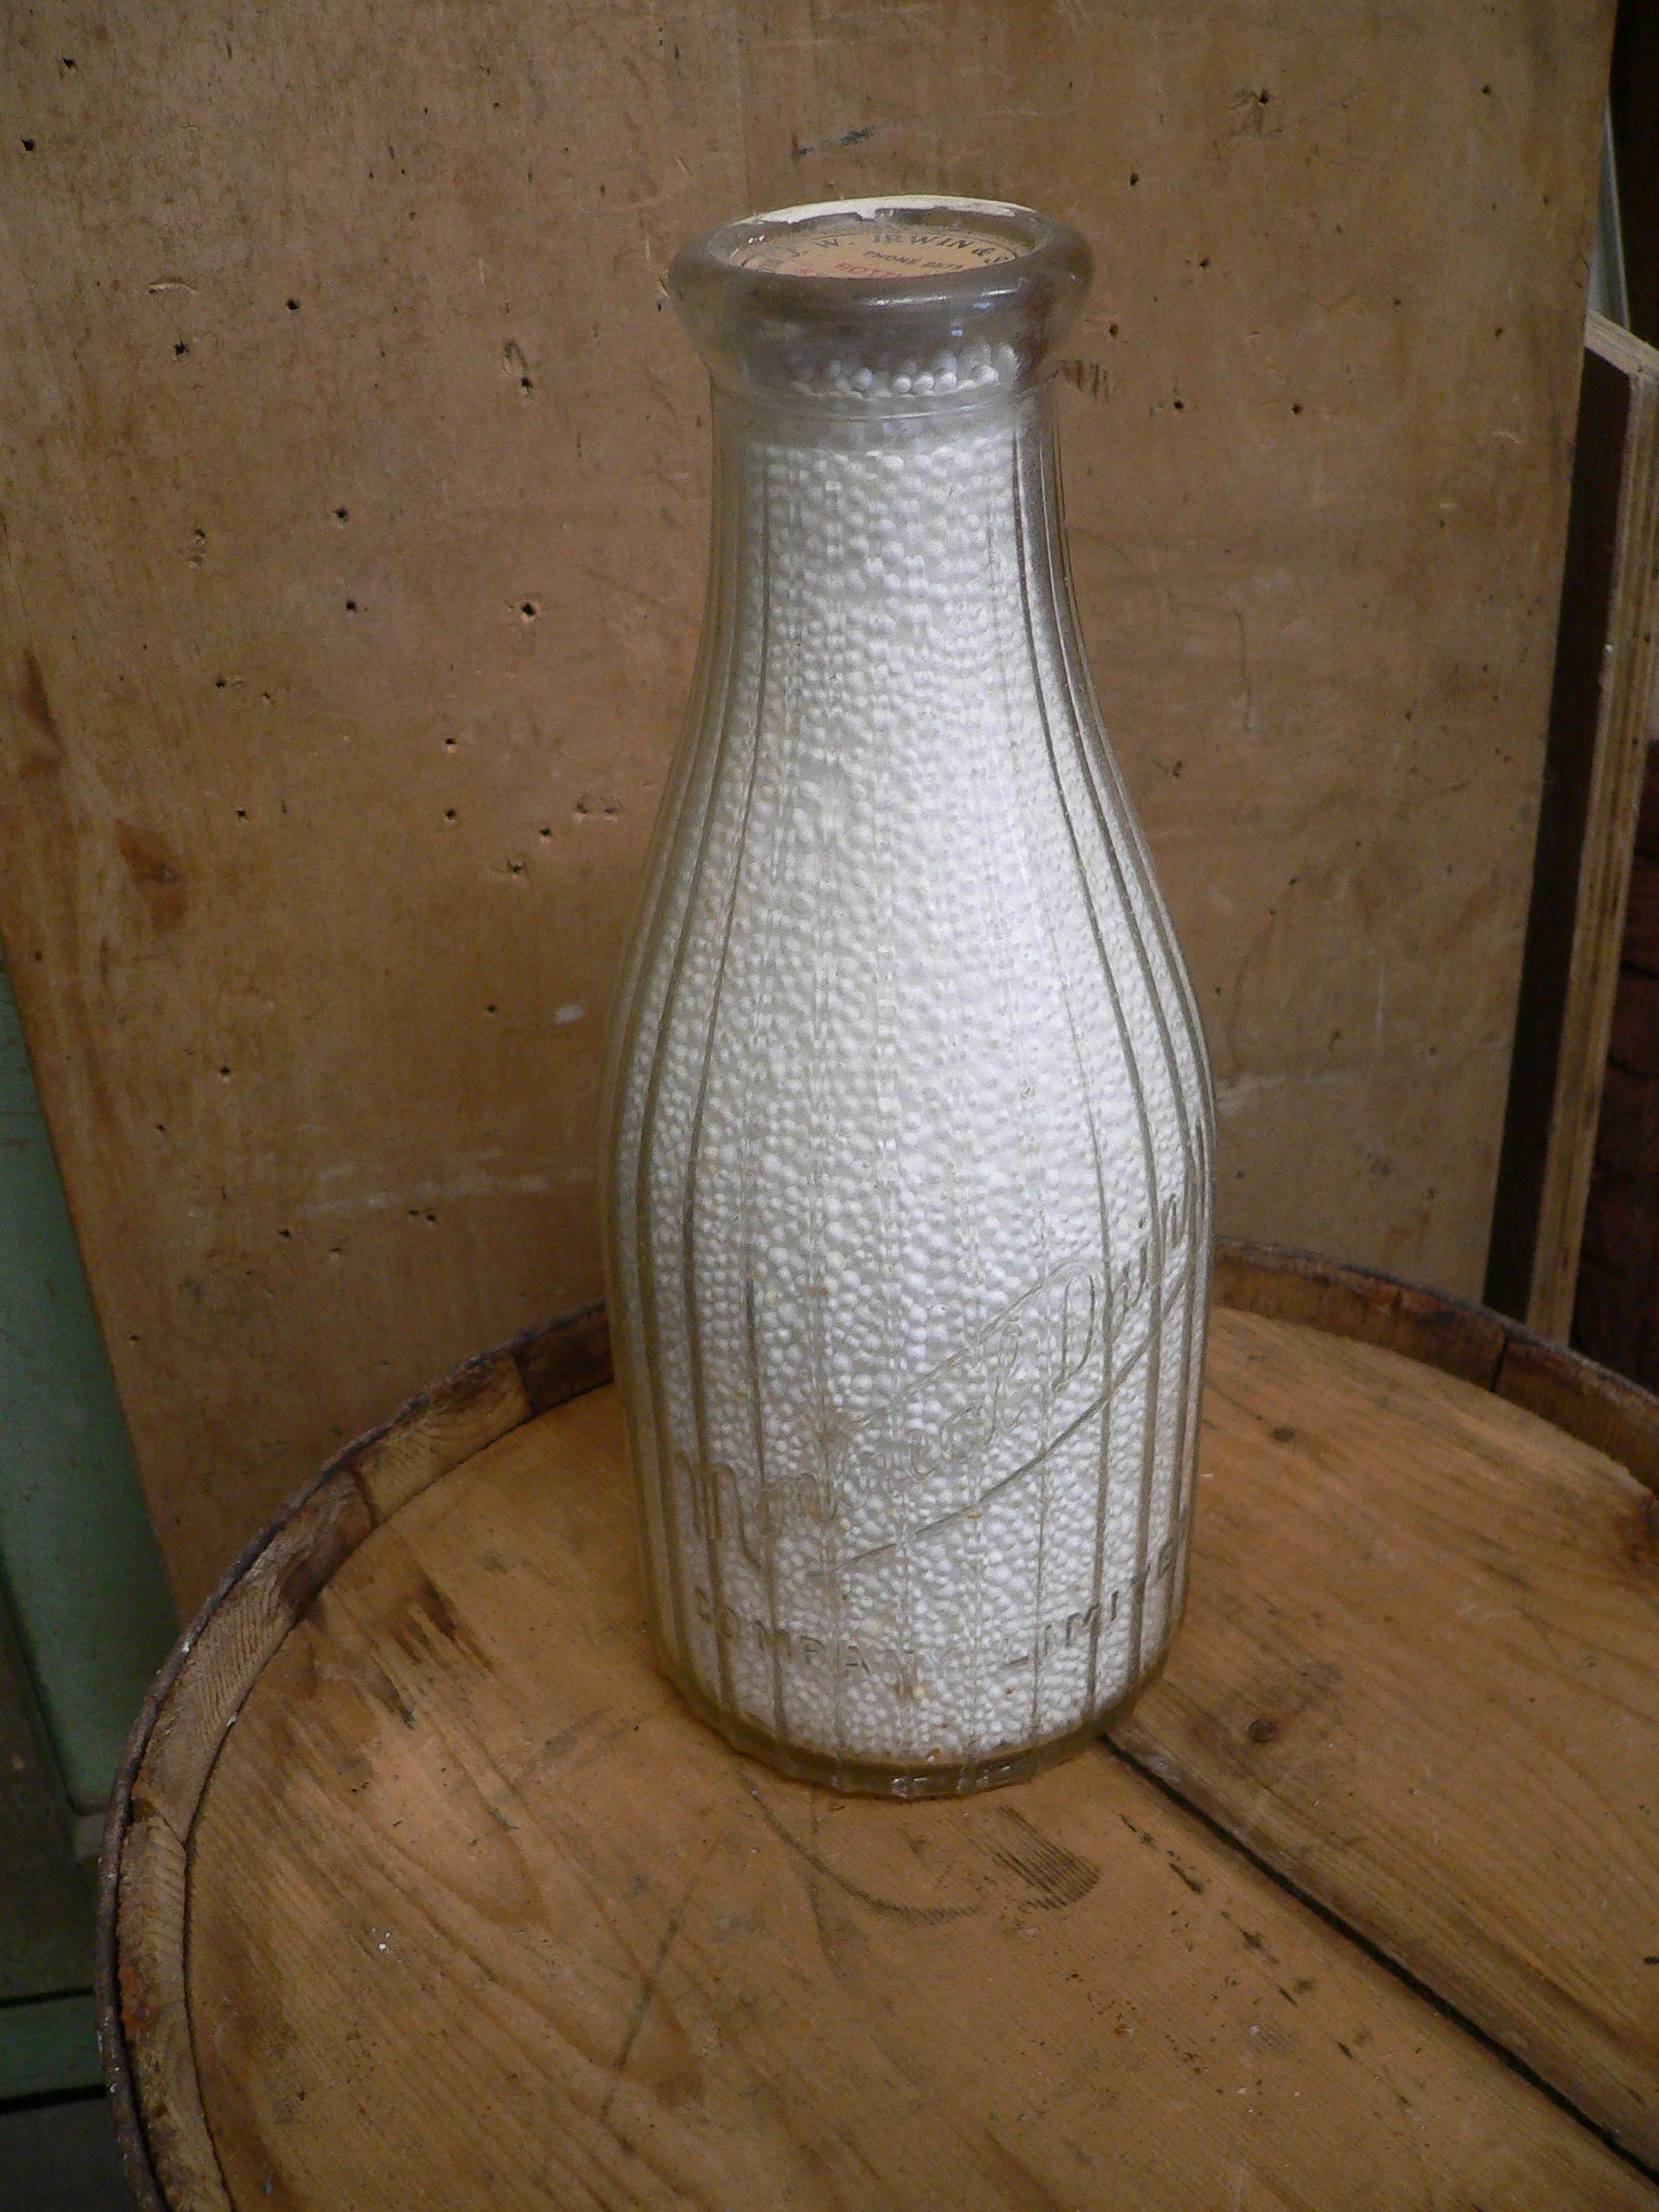 bouteille antique de lait montréal dairy  # 6626.2